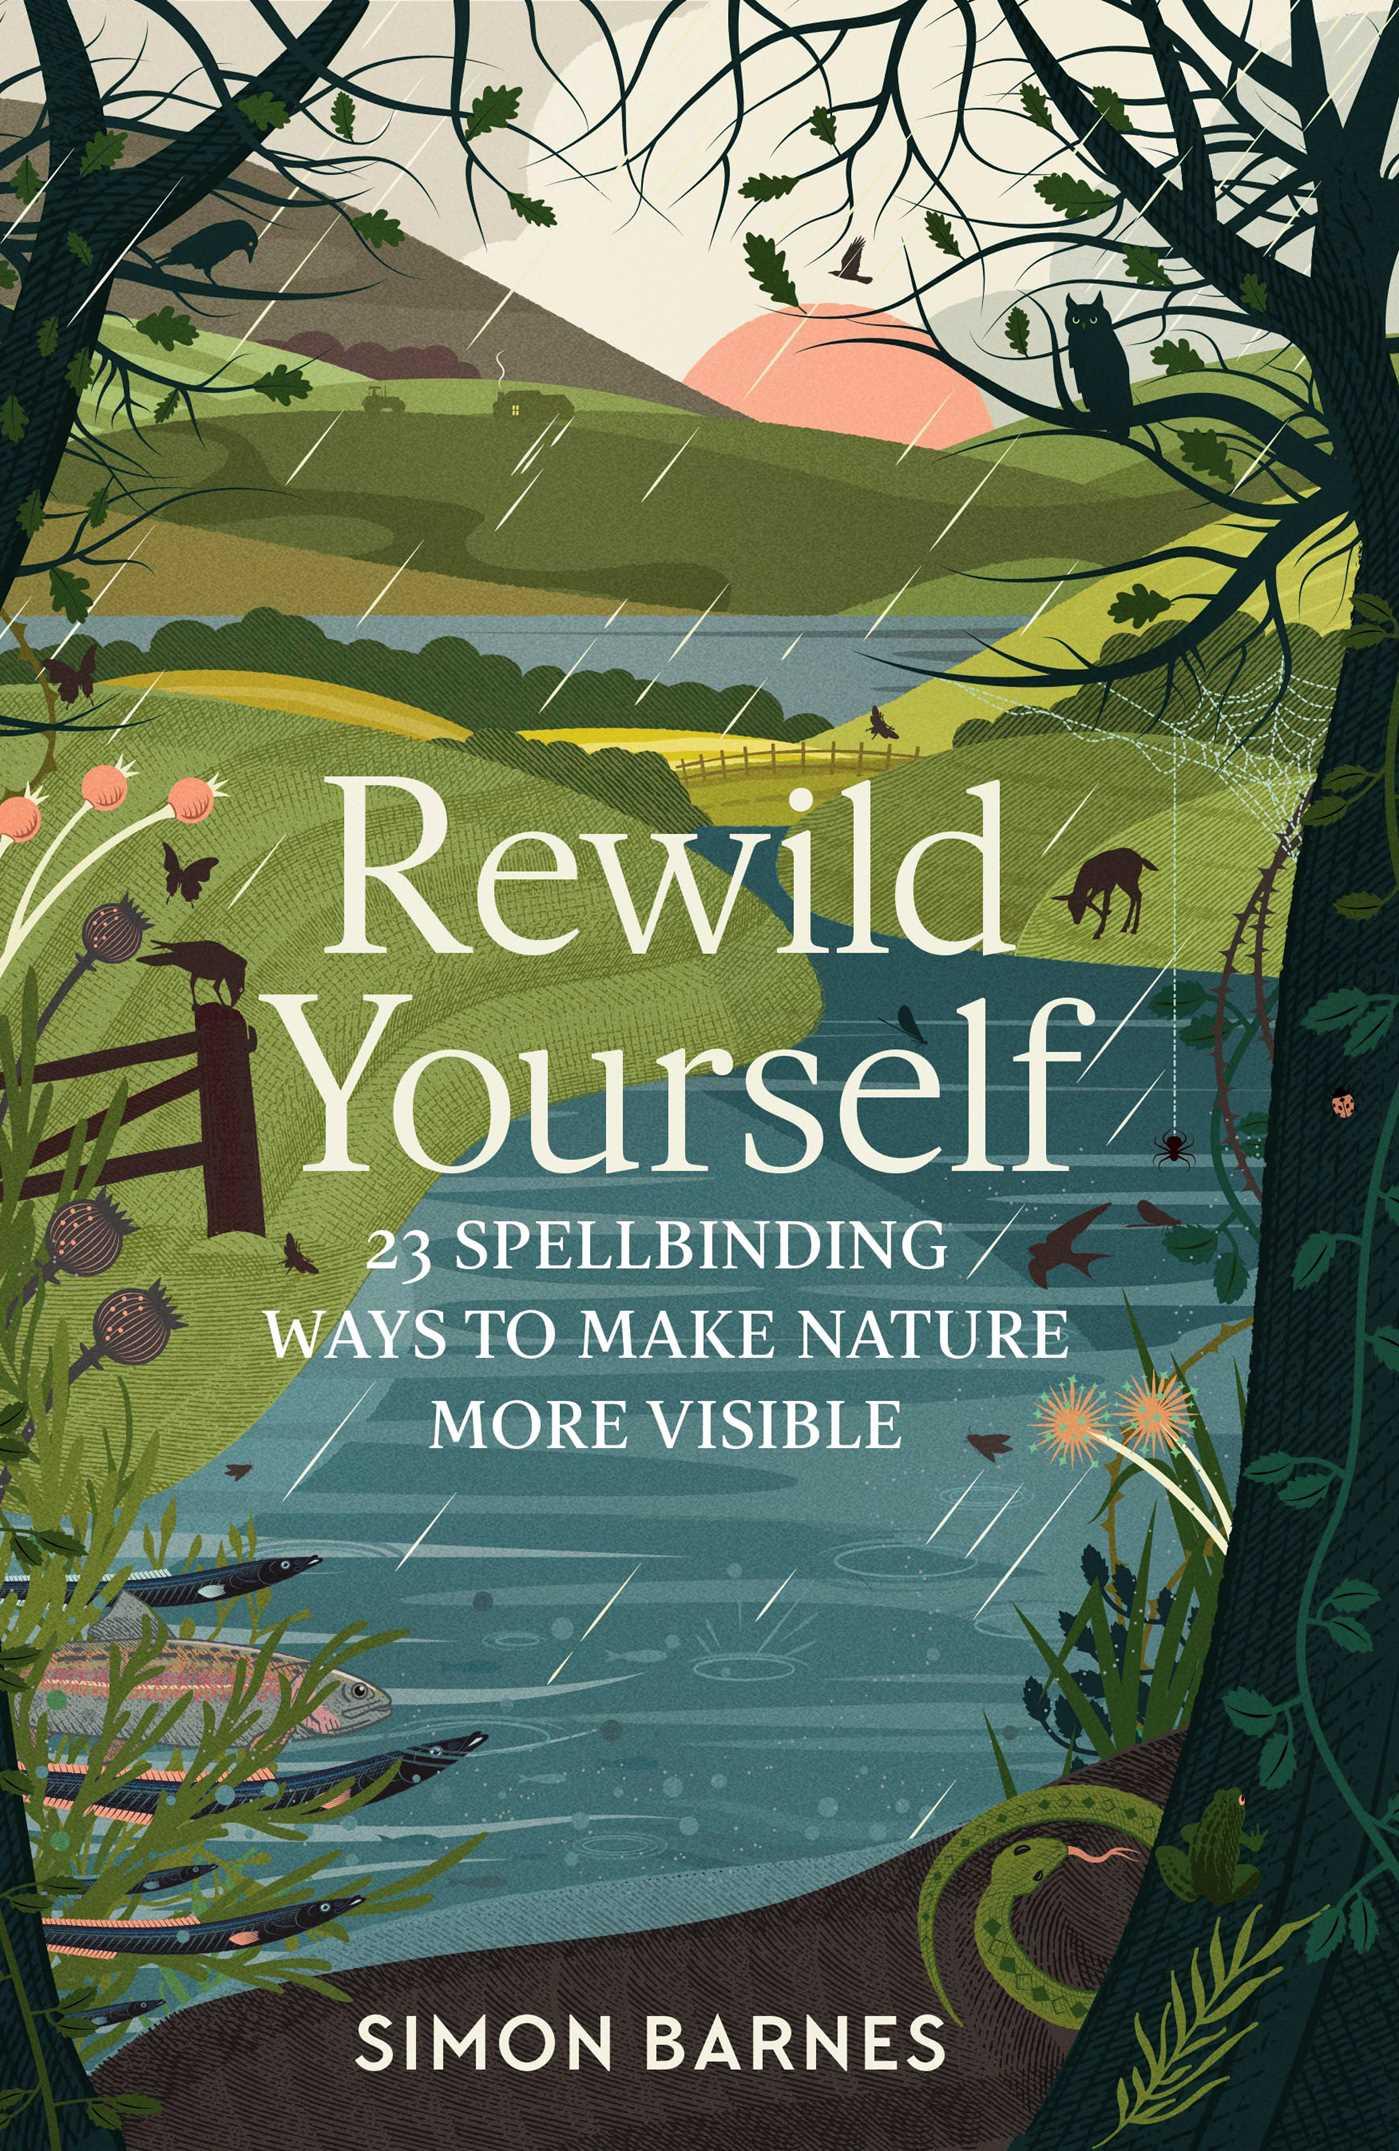 Rewild yourself 9781471175404 hr